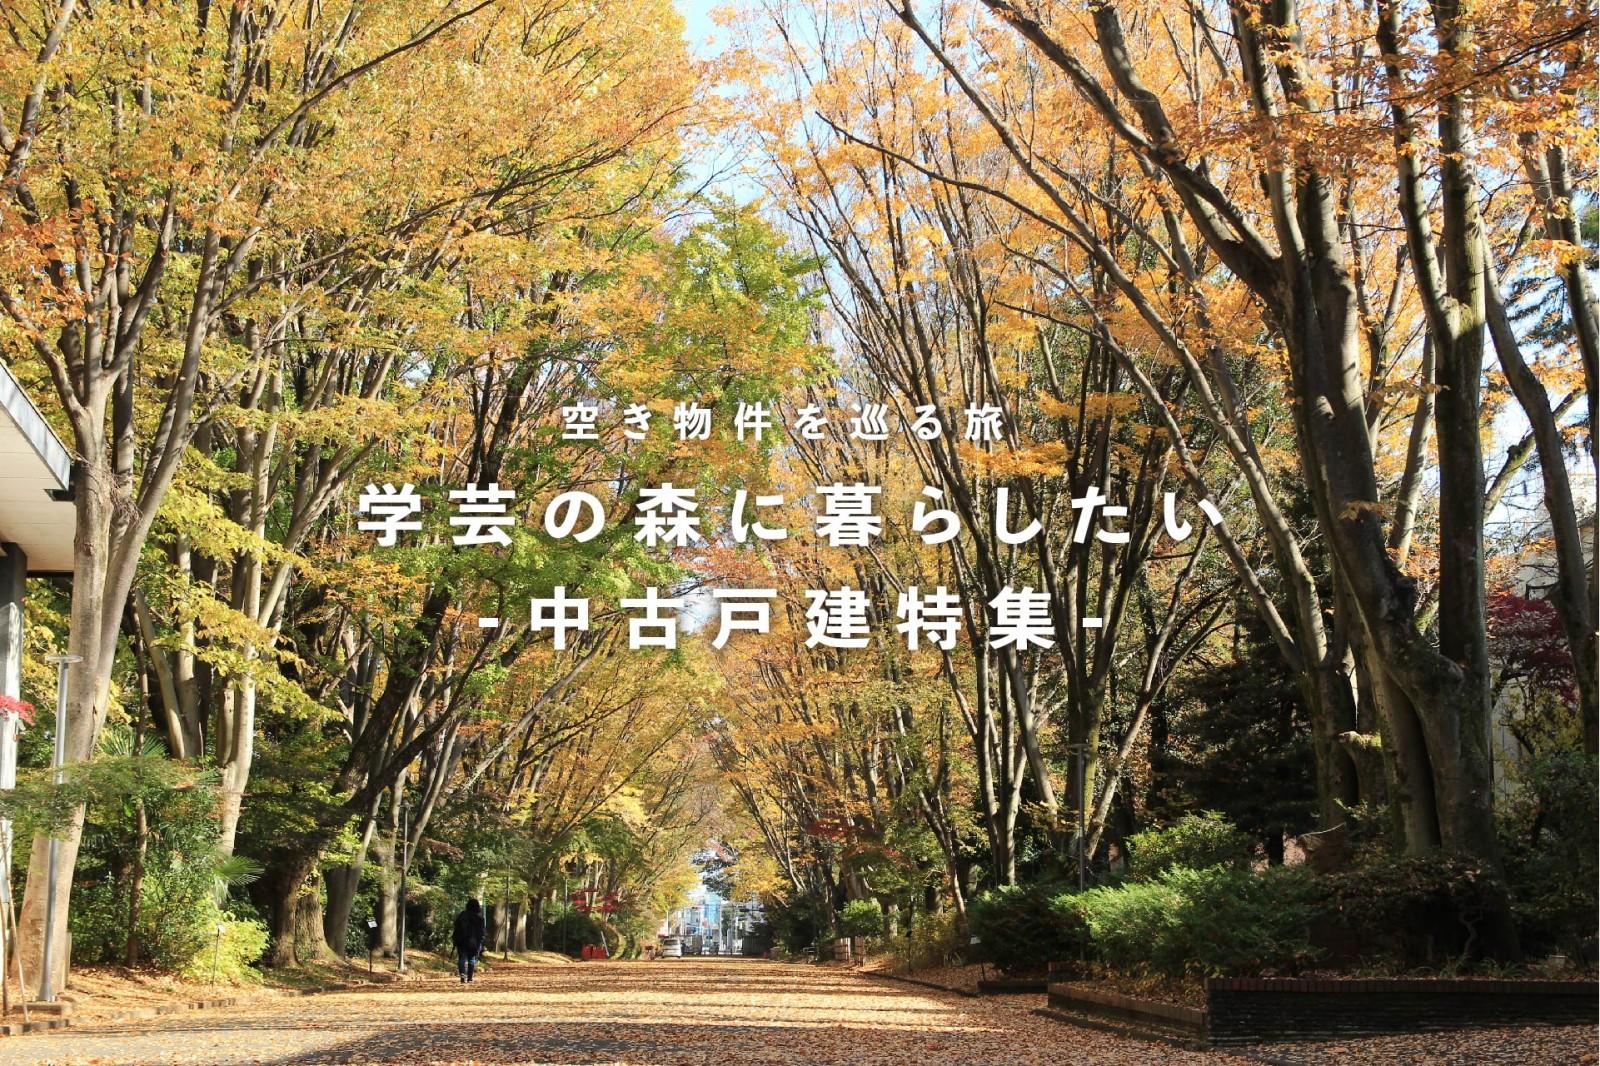 【満員御礼!】学芸の森に暮らしたい-中古戸建特集-